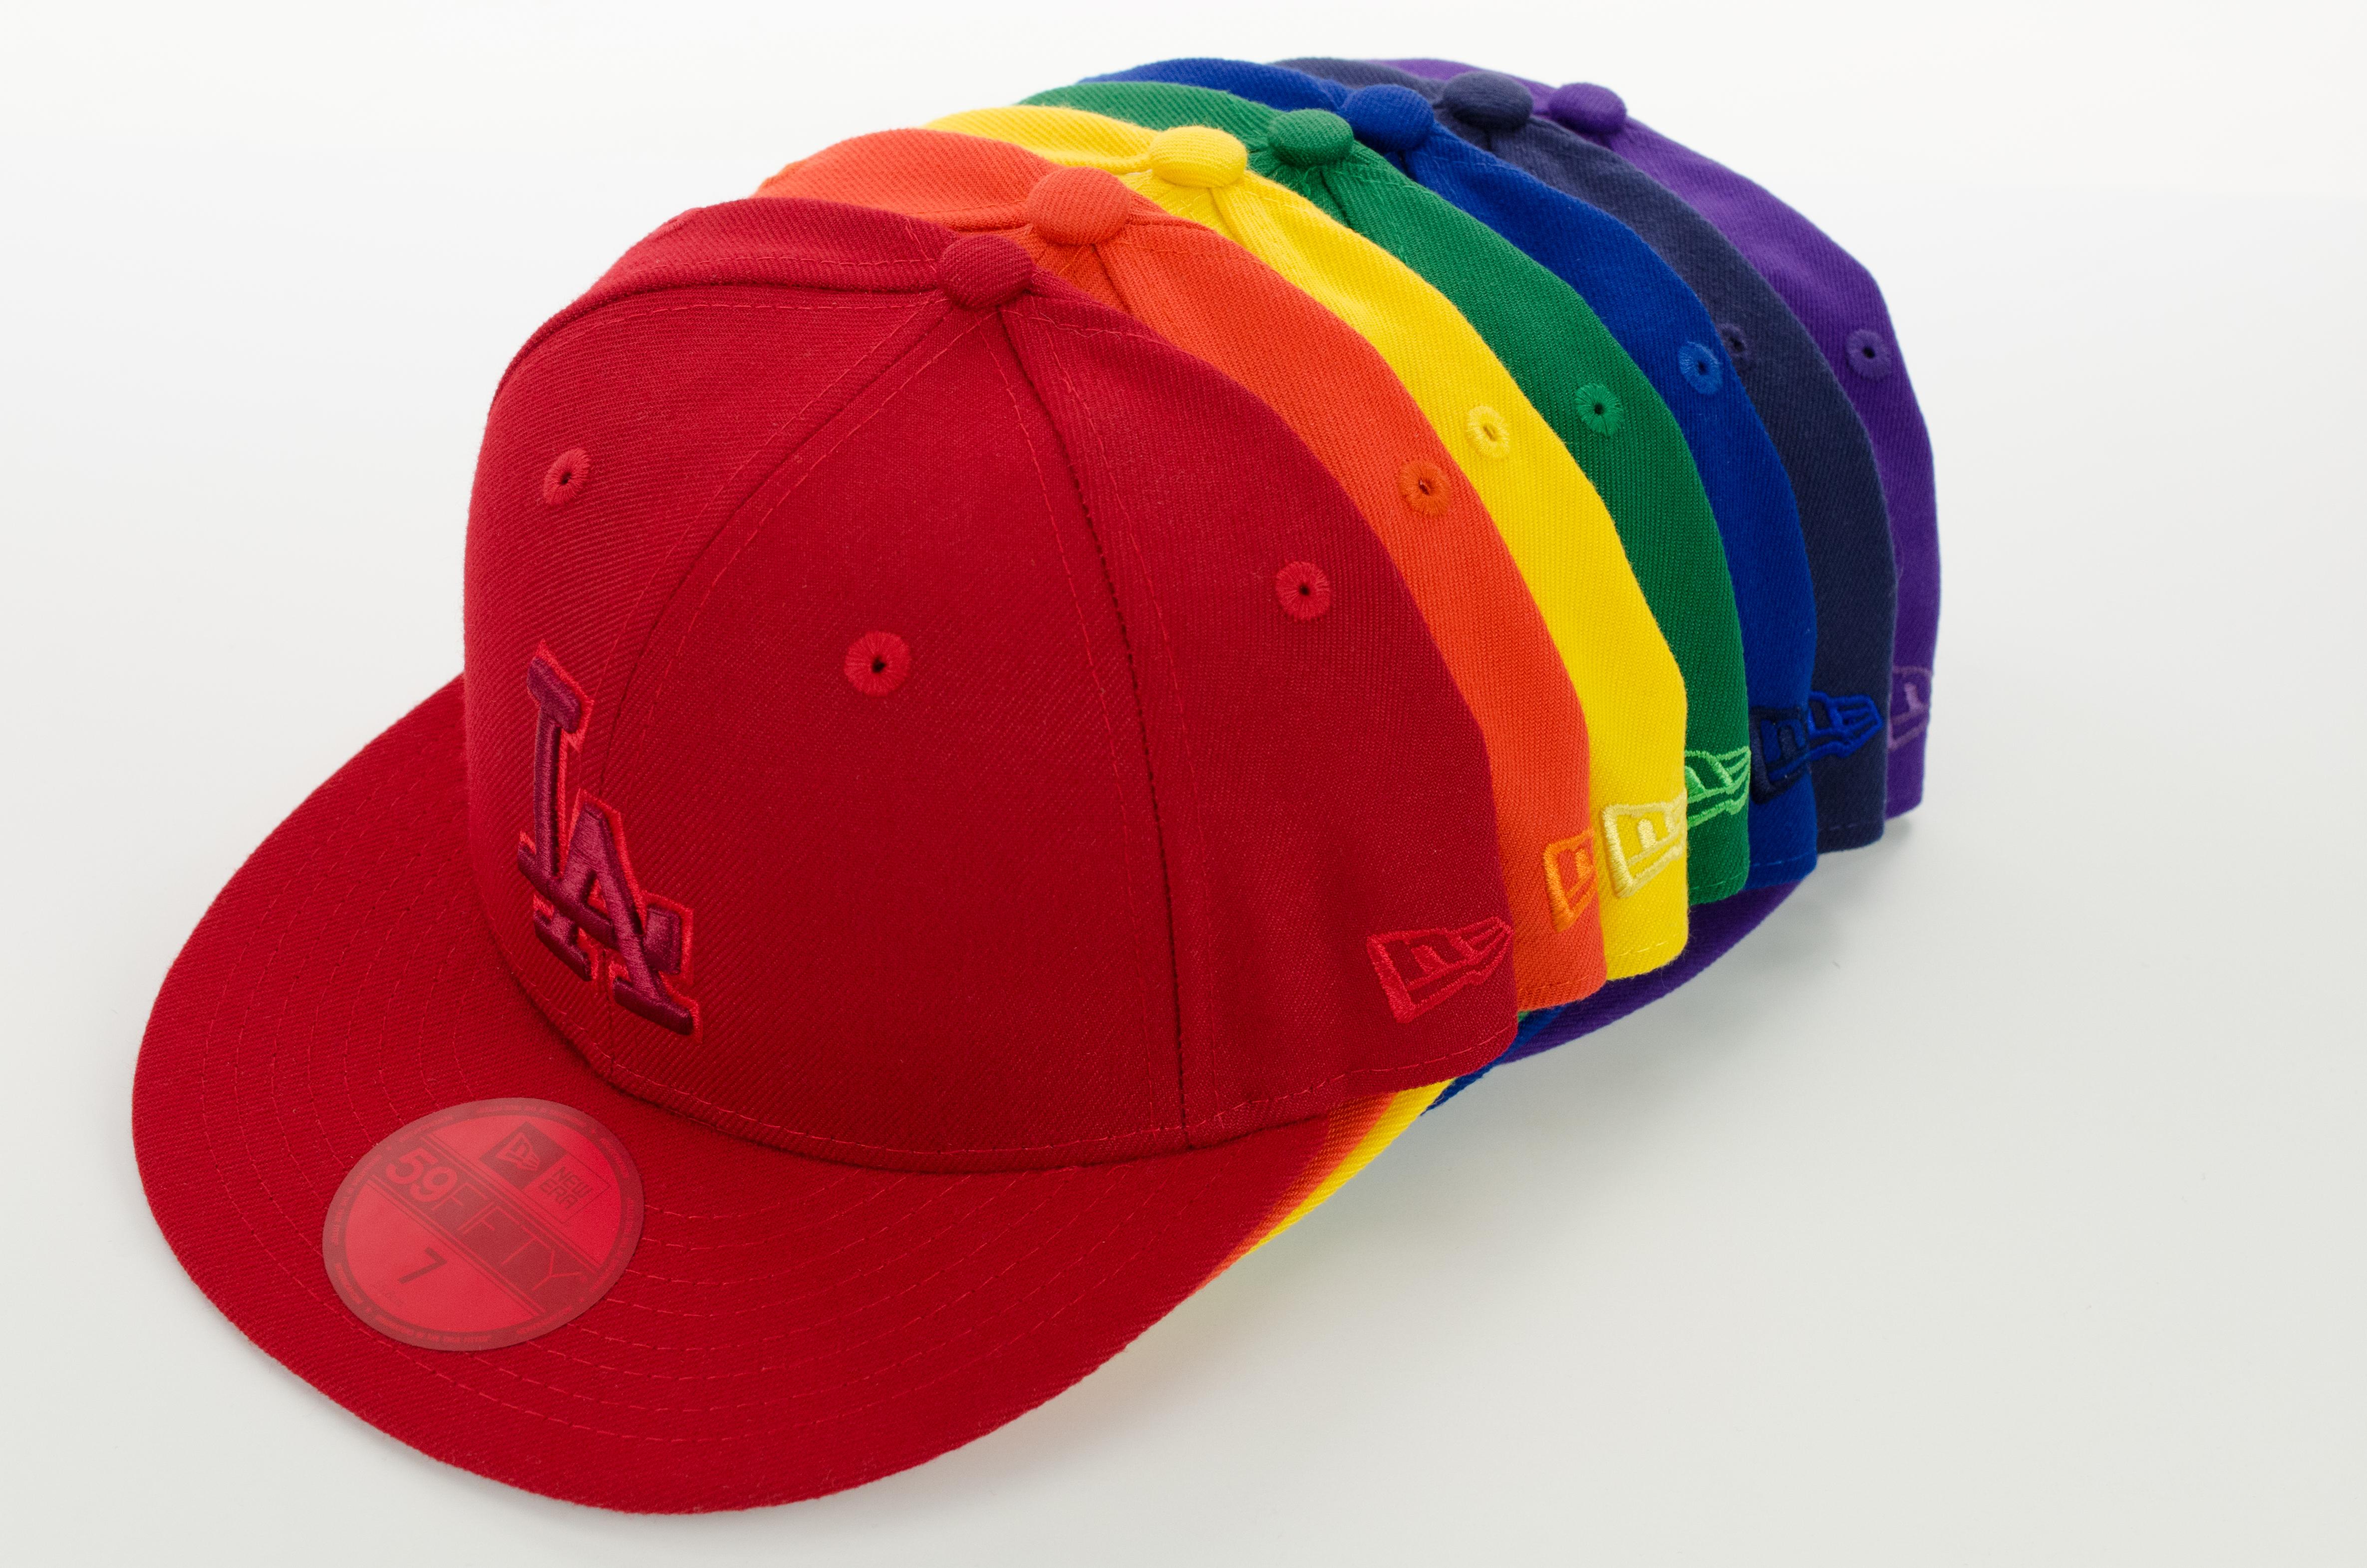 New Era Color Prism Hats